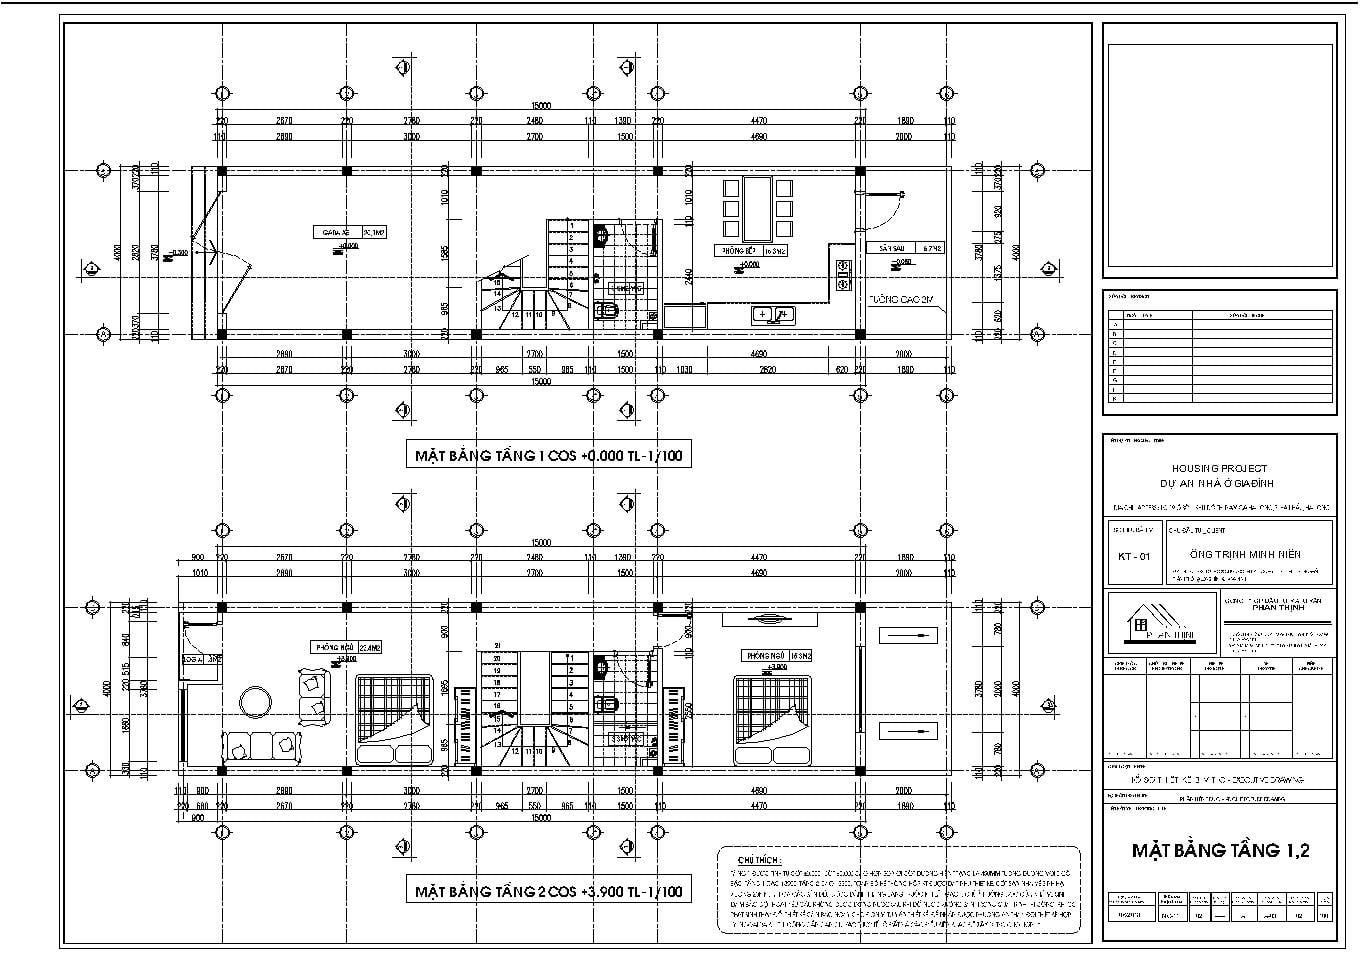 Mặt bằng thiết kế tại tầng 1 và tầng 2